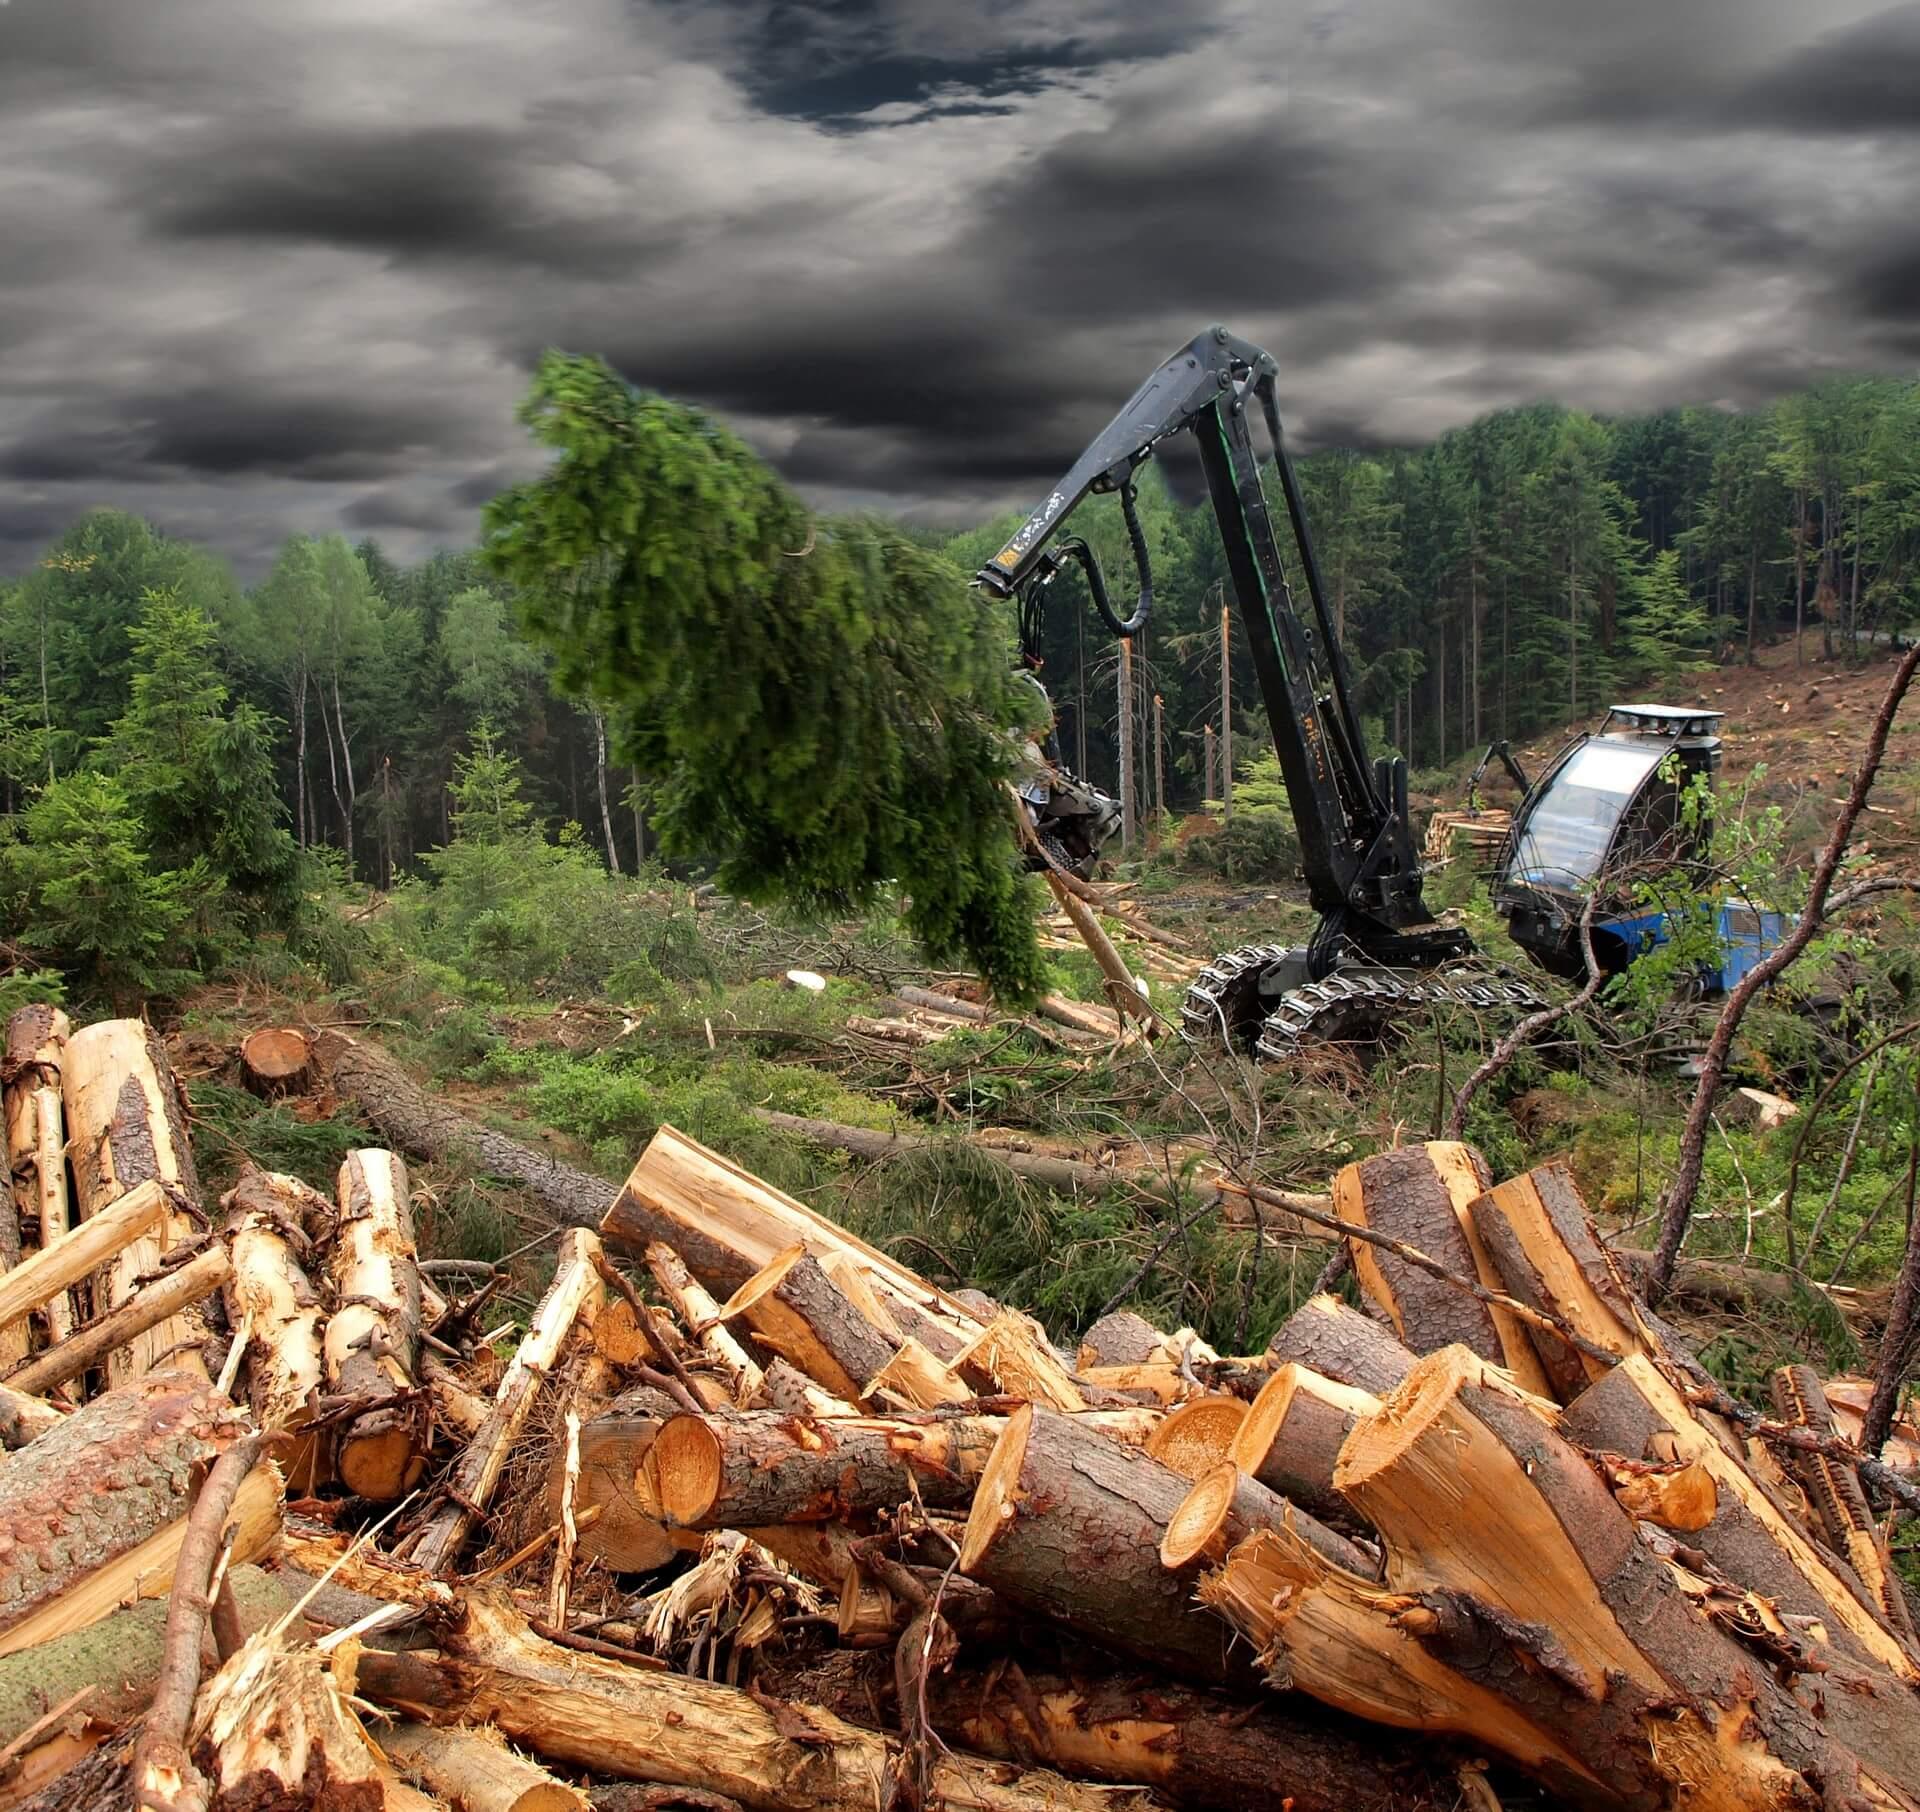 Razvoj gozdarske mehanizacije predvsem v smeri večje učinkovitosti